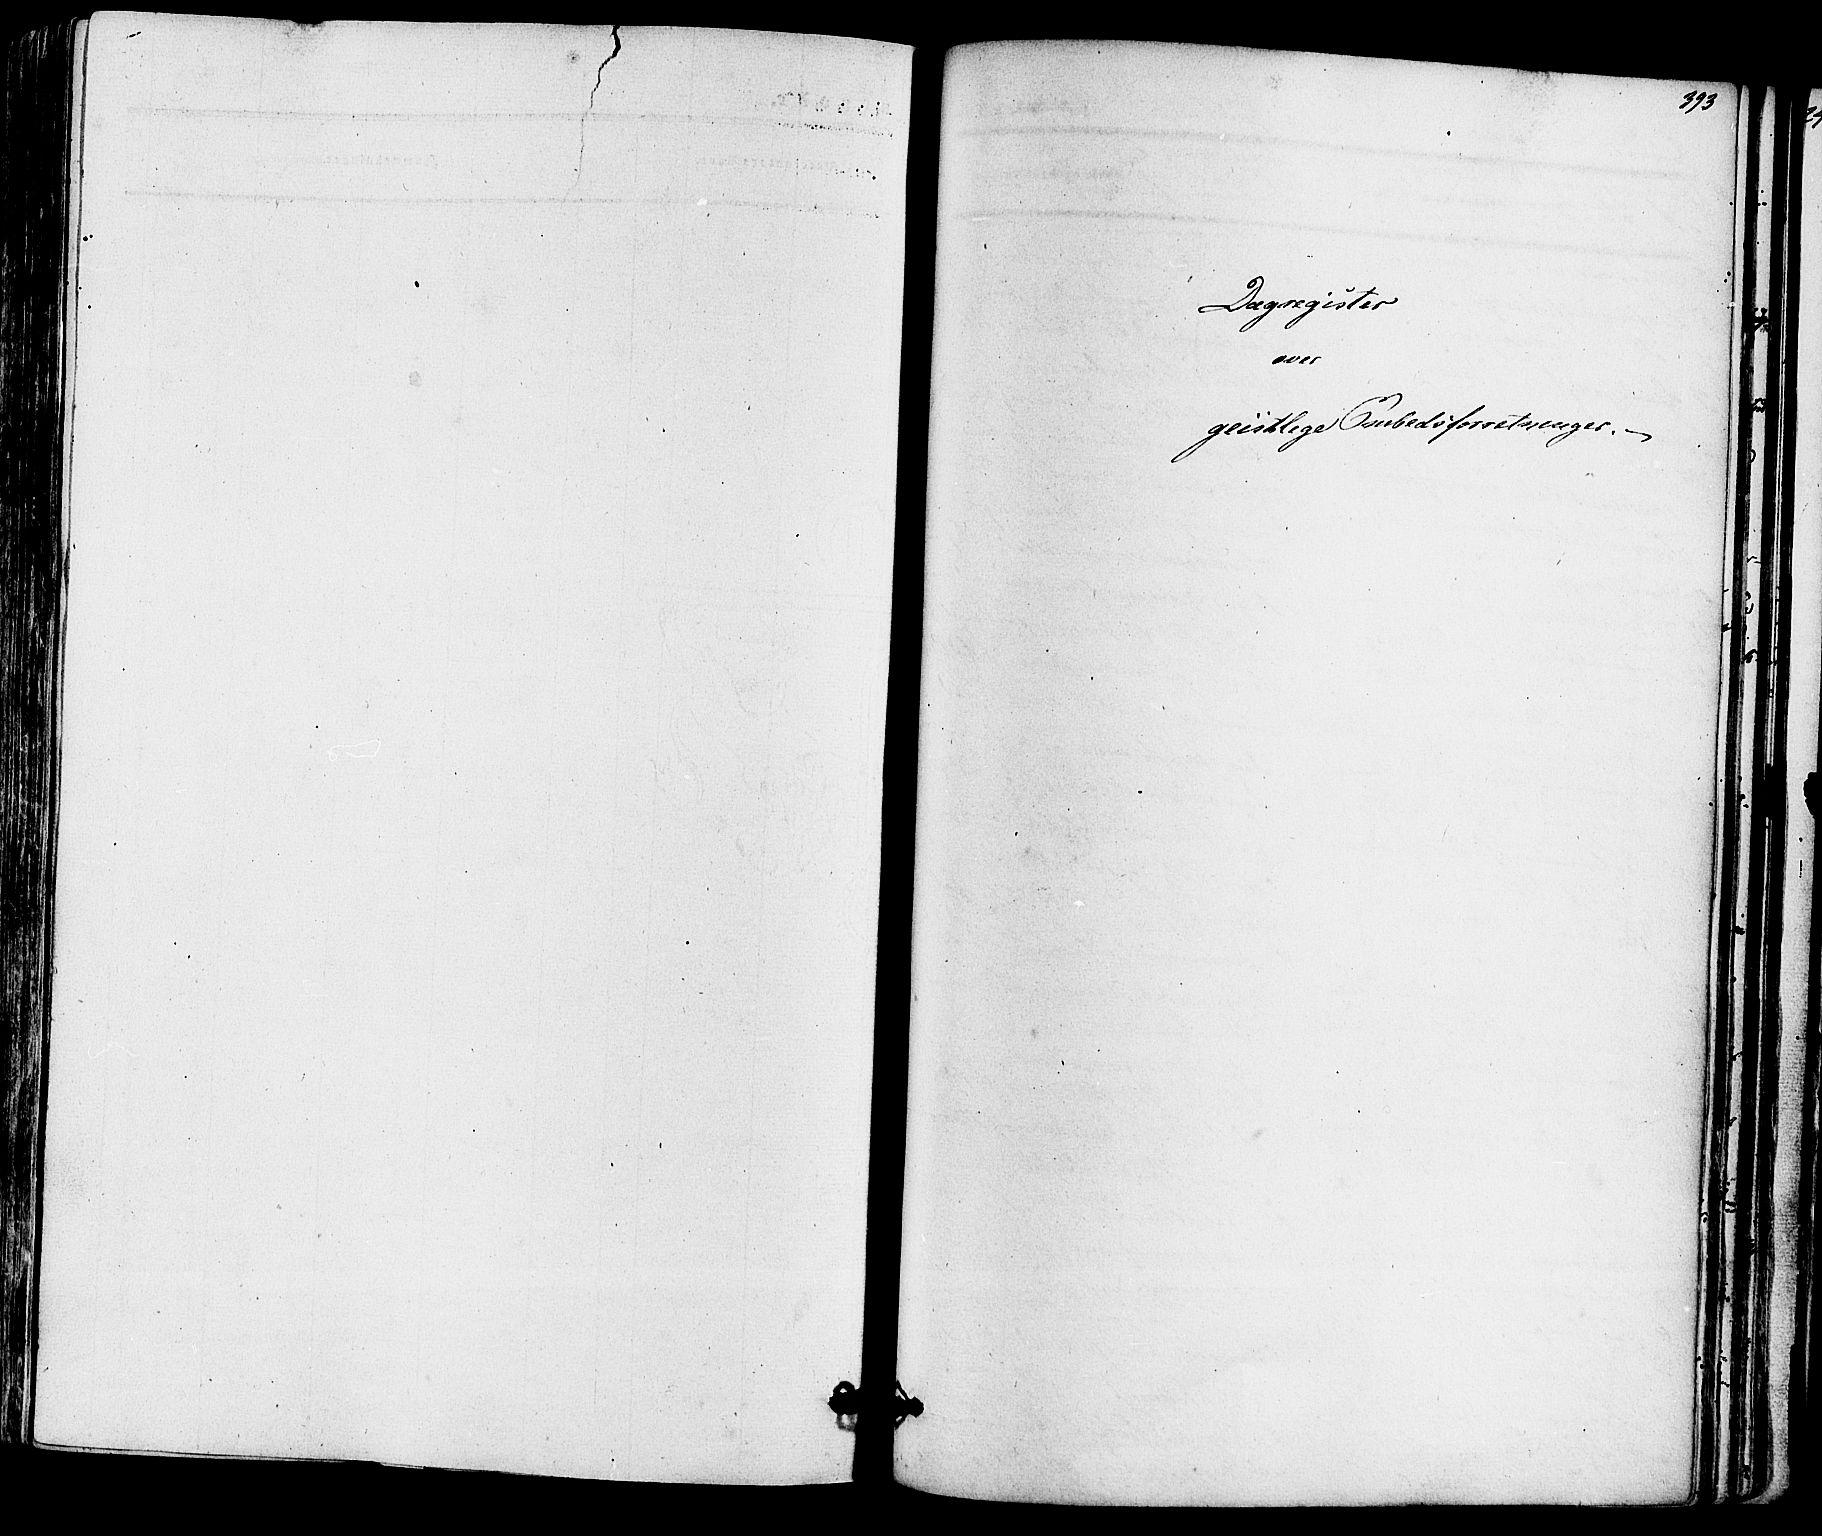 SAKO, Eidanger kirkebøker, F/Fa/L0010: Ministerialbok nr. 10, 1859-1874, s. 393